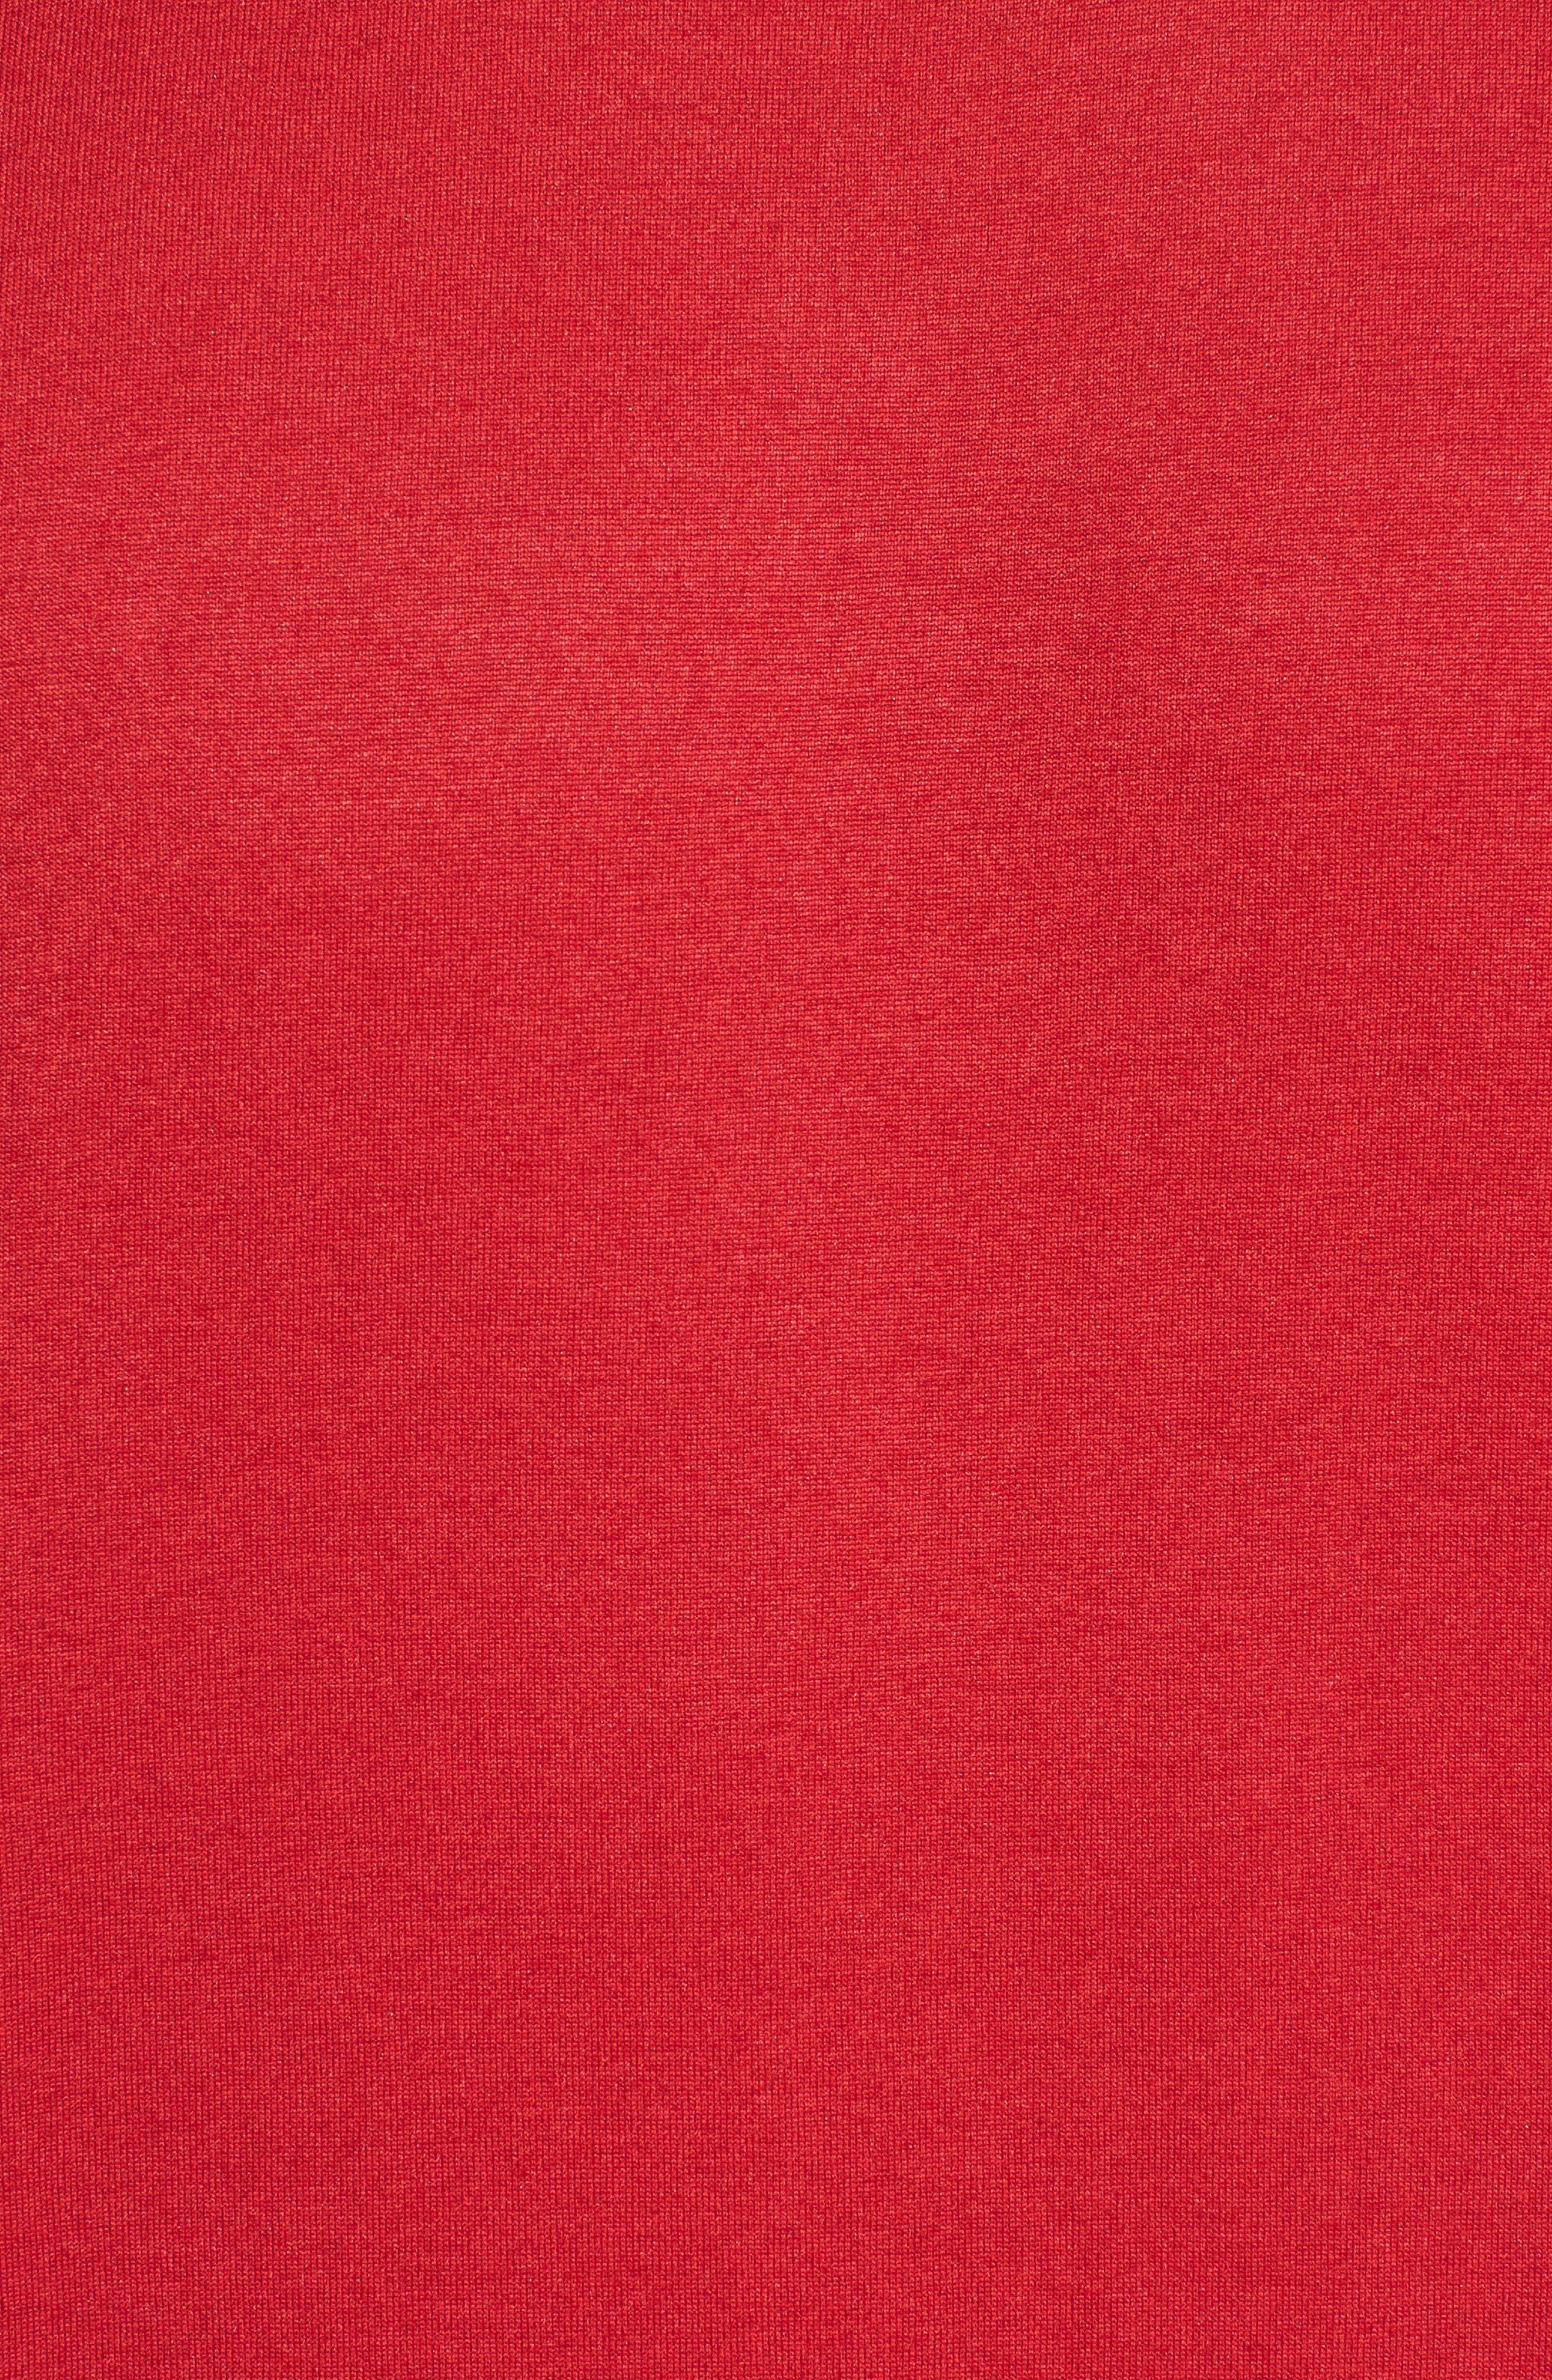 Legend 2.0 Dri-FIT Graphic T-Shirt,                             Alternate thumbnail 4, color,                             GYM RED/BLACK/BLACK